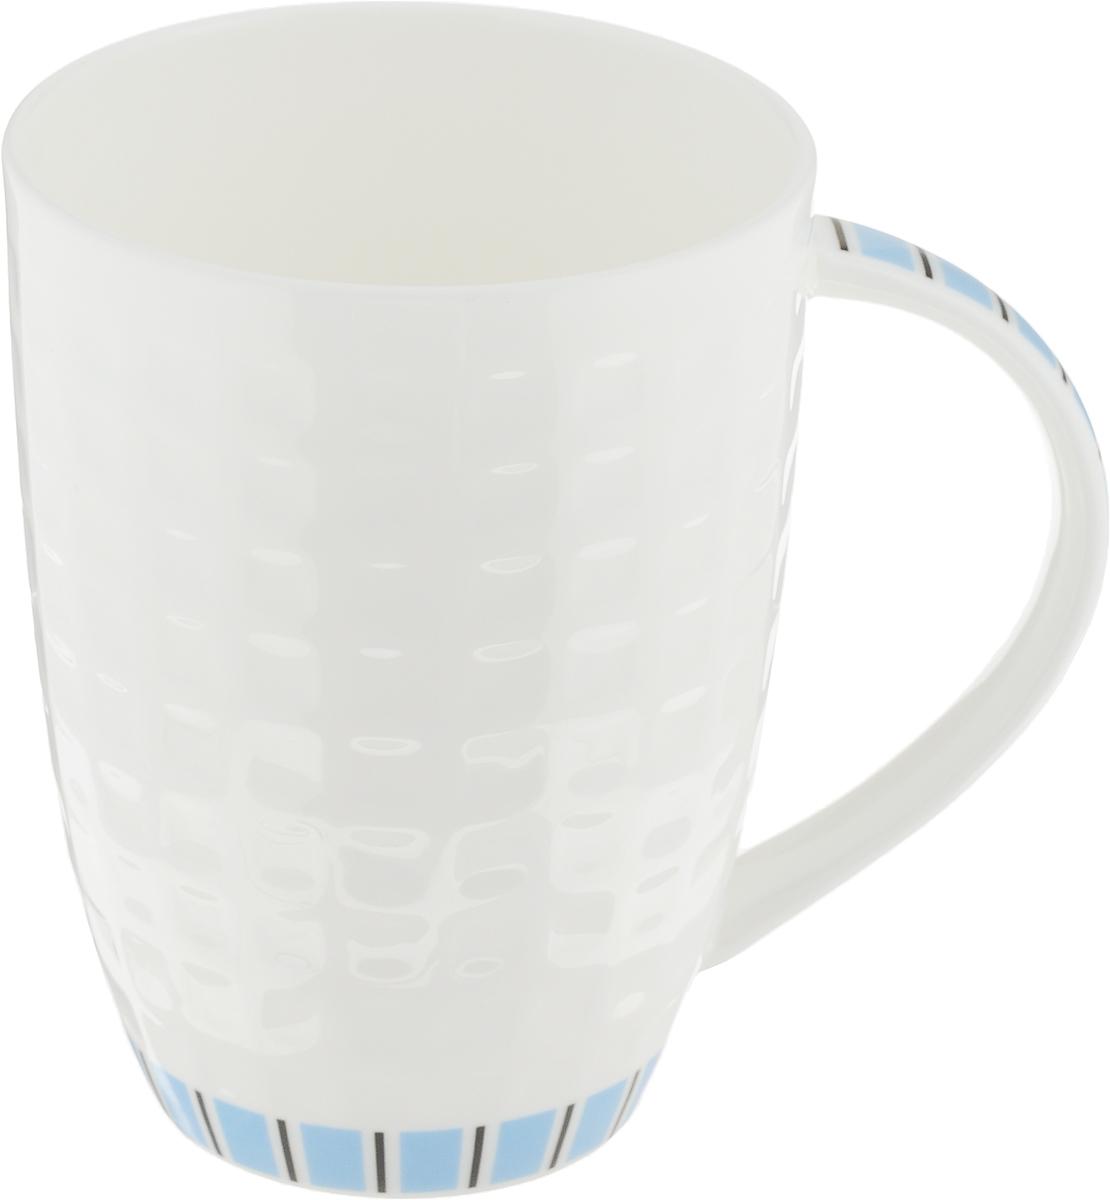 Кружка Royal Aurel Канфаэль, цвет: белый, голубой, 330 мл1101Канфаэль кружка белая с голубым рисунком 330 мл. Материал: костяной фарфор. Фарфор Royal Aurel отличается исключительной белизной, что объясняется уникальными компонентами и традиционной технологией, по которой он был изготовлен. Белая глина из провинции Фуцзянь и традиционные рецепты китайских мастеров создают неповторимую композицию. Дизайн коллекций выполнен в соответствии с актуальными европейскими тенденциями.